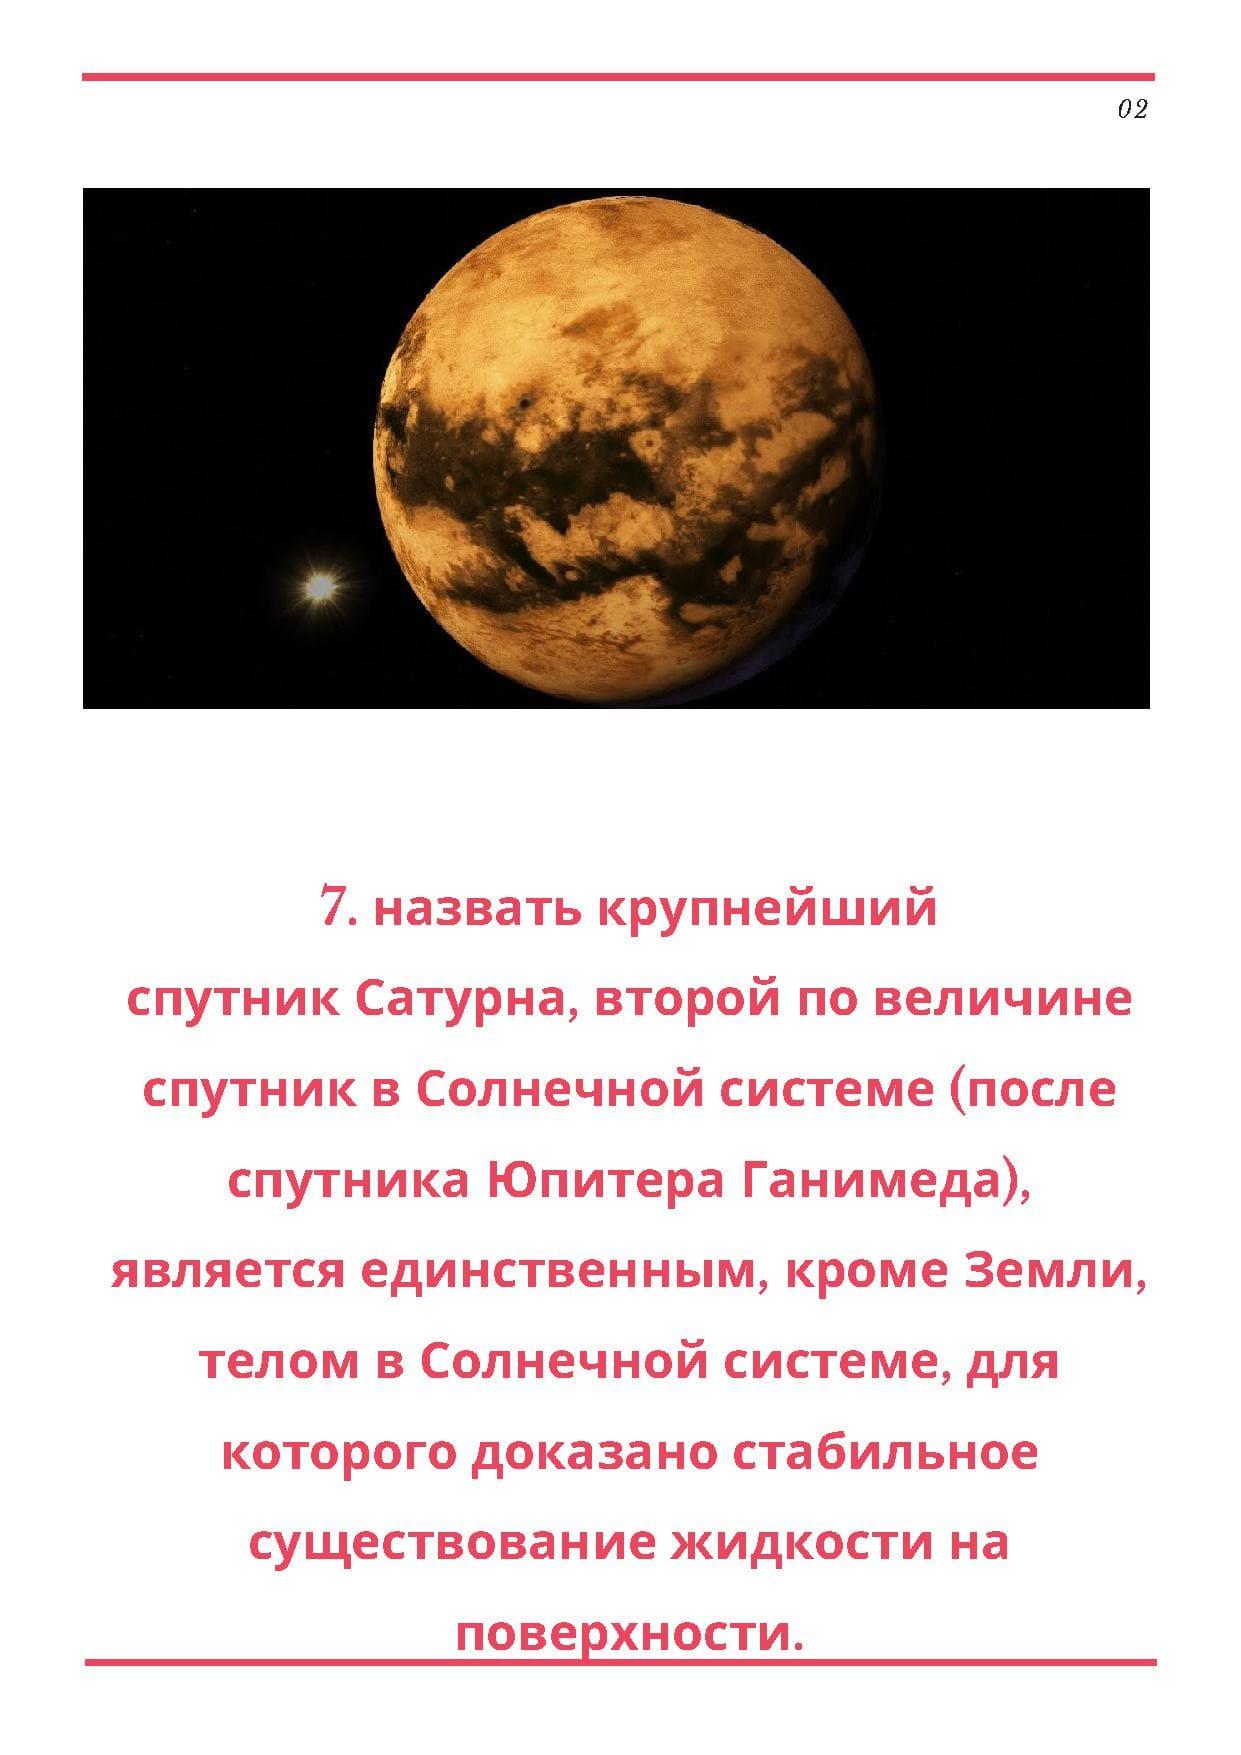 Назвать крупнейший спутник Сатурна